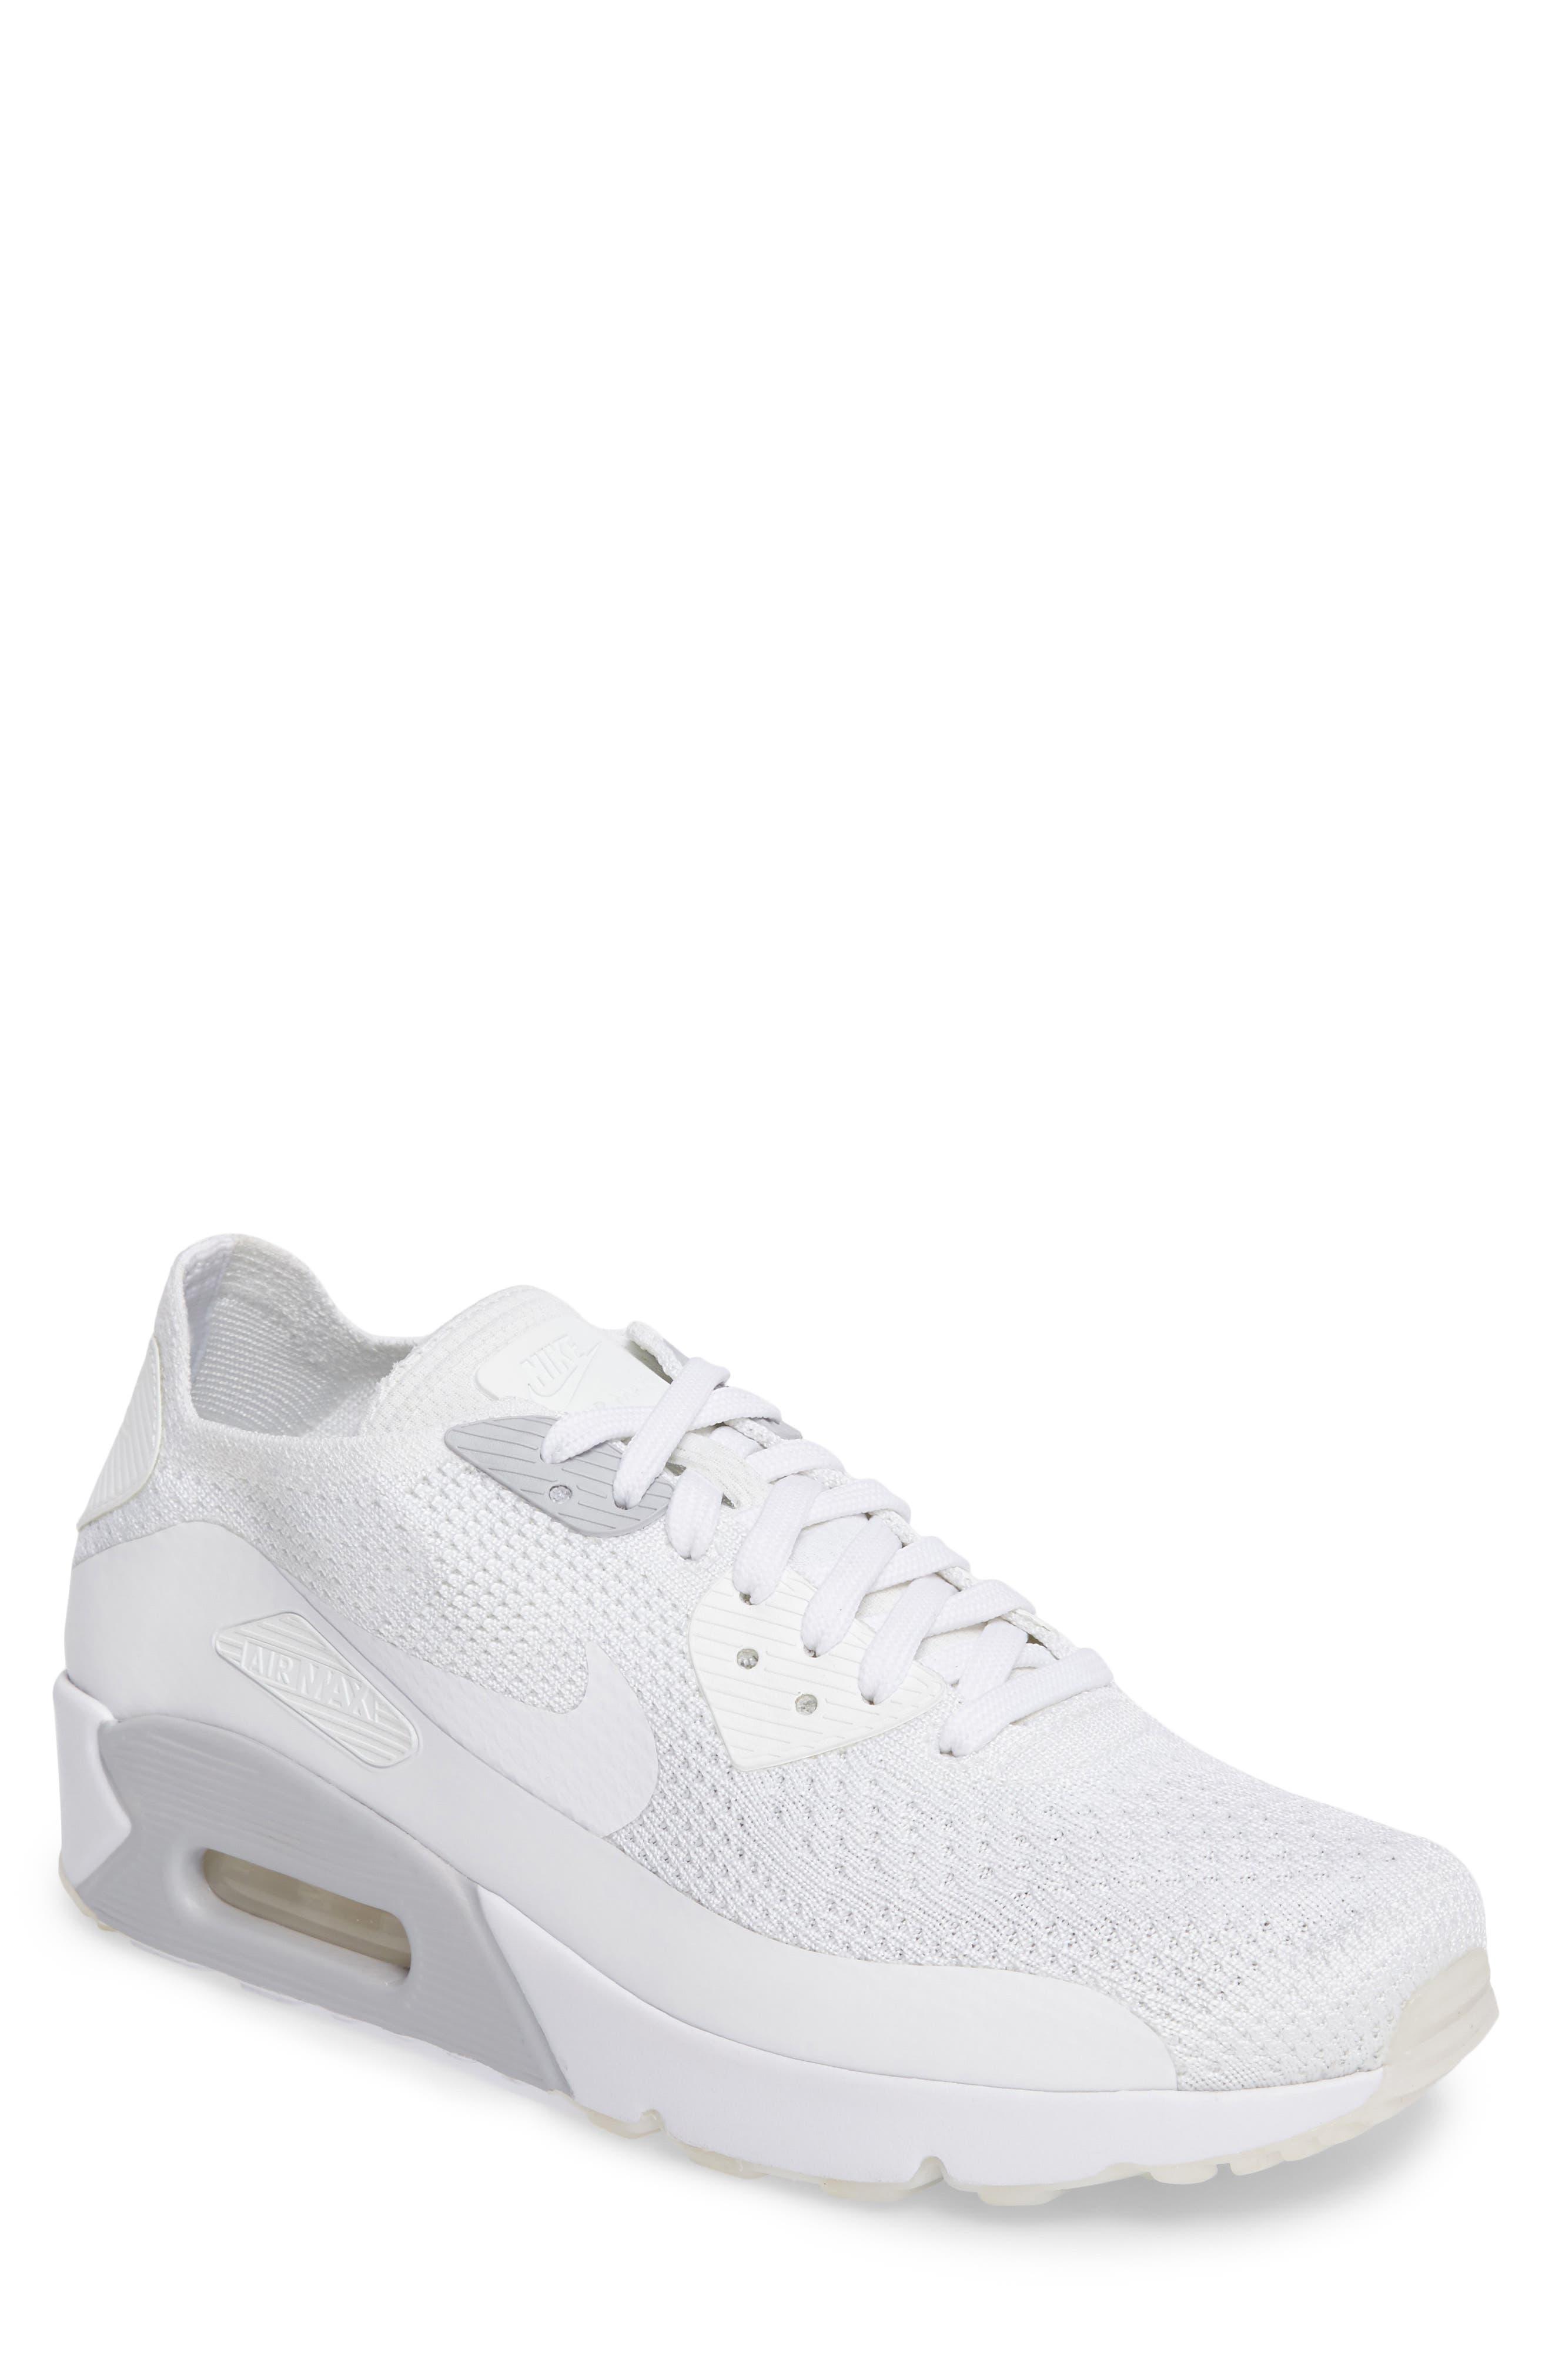 Nike Air Max 90 Flyknit Ultra 2.0 Sneaker (Men)